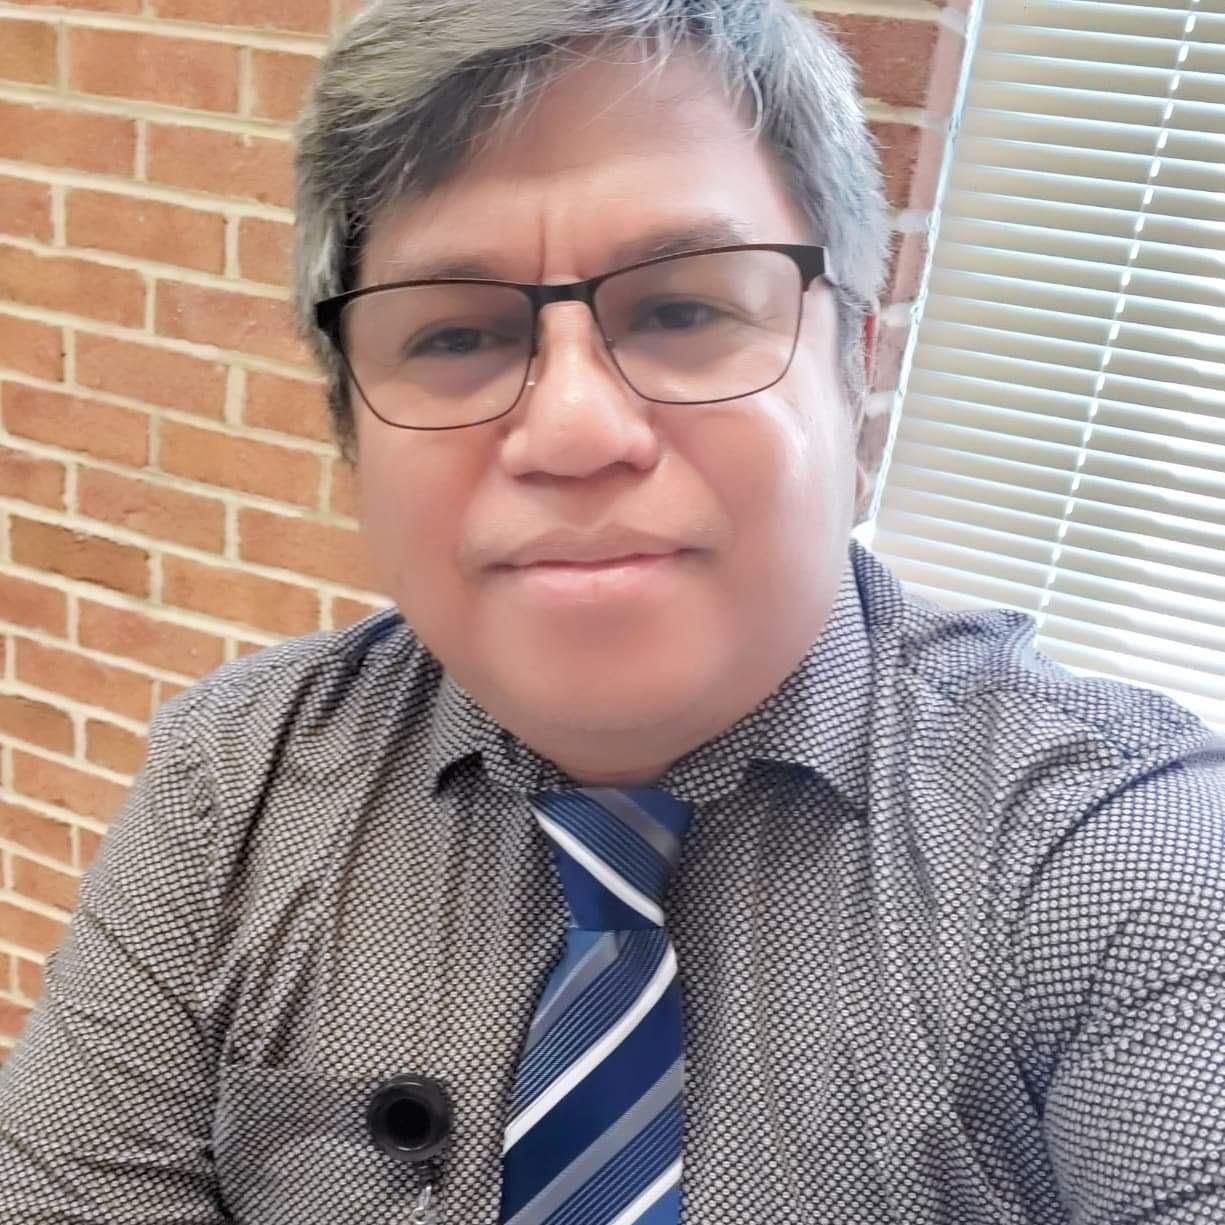 Andy Soberano's Profile Photo